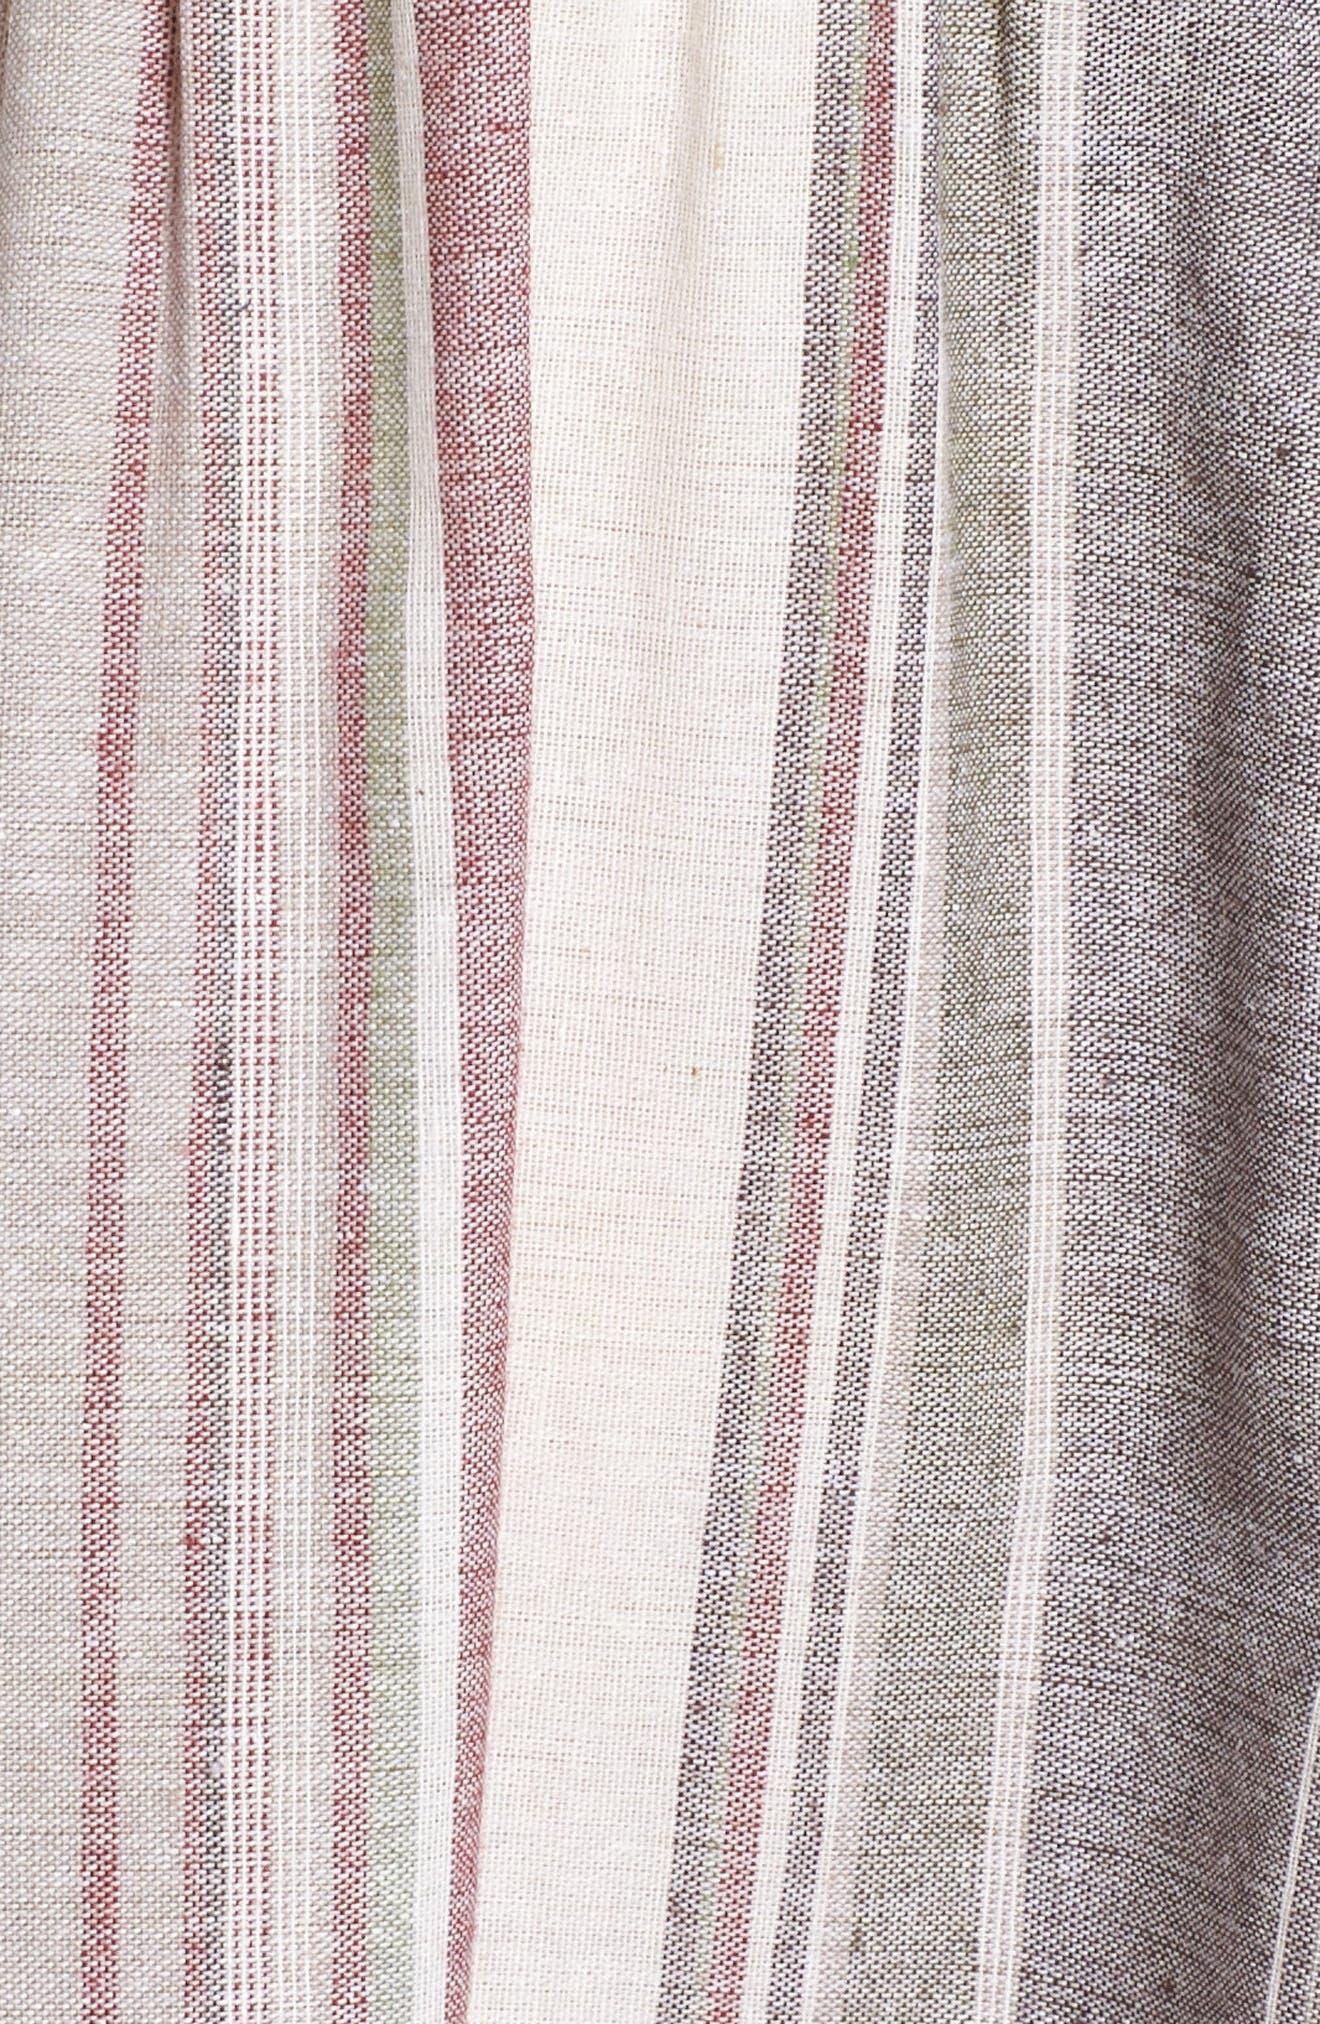 Stripe Maxi Dress,                             Alternate thumbnail 6, color,